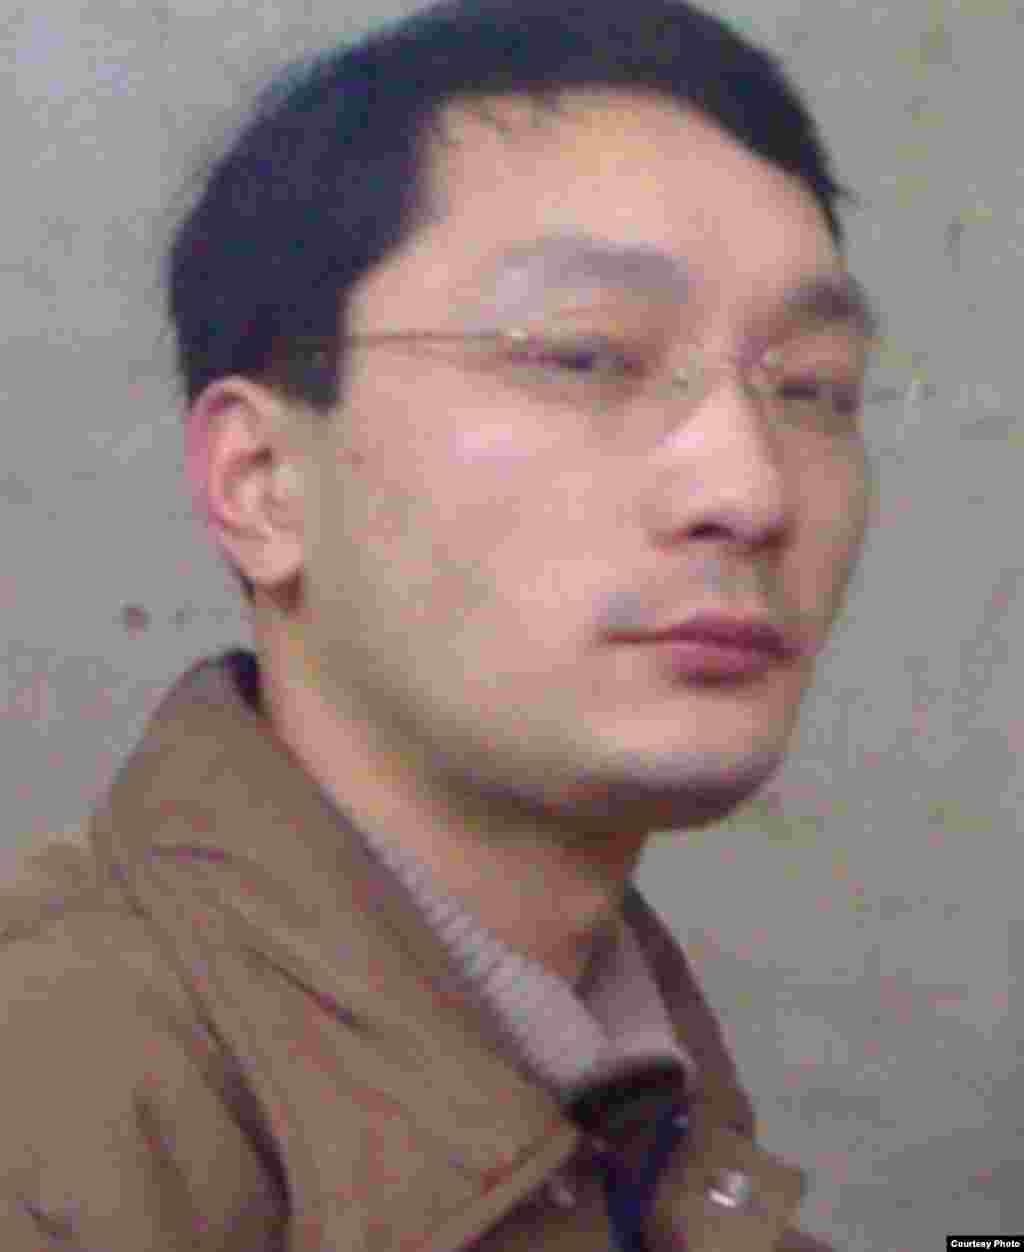 中国人民解放军61398部队网络部队第3支队成员文新宇( Wen Xinyu)(FBI照片)